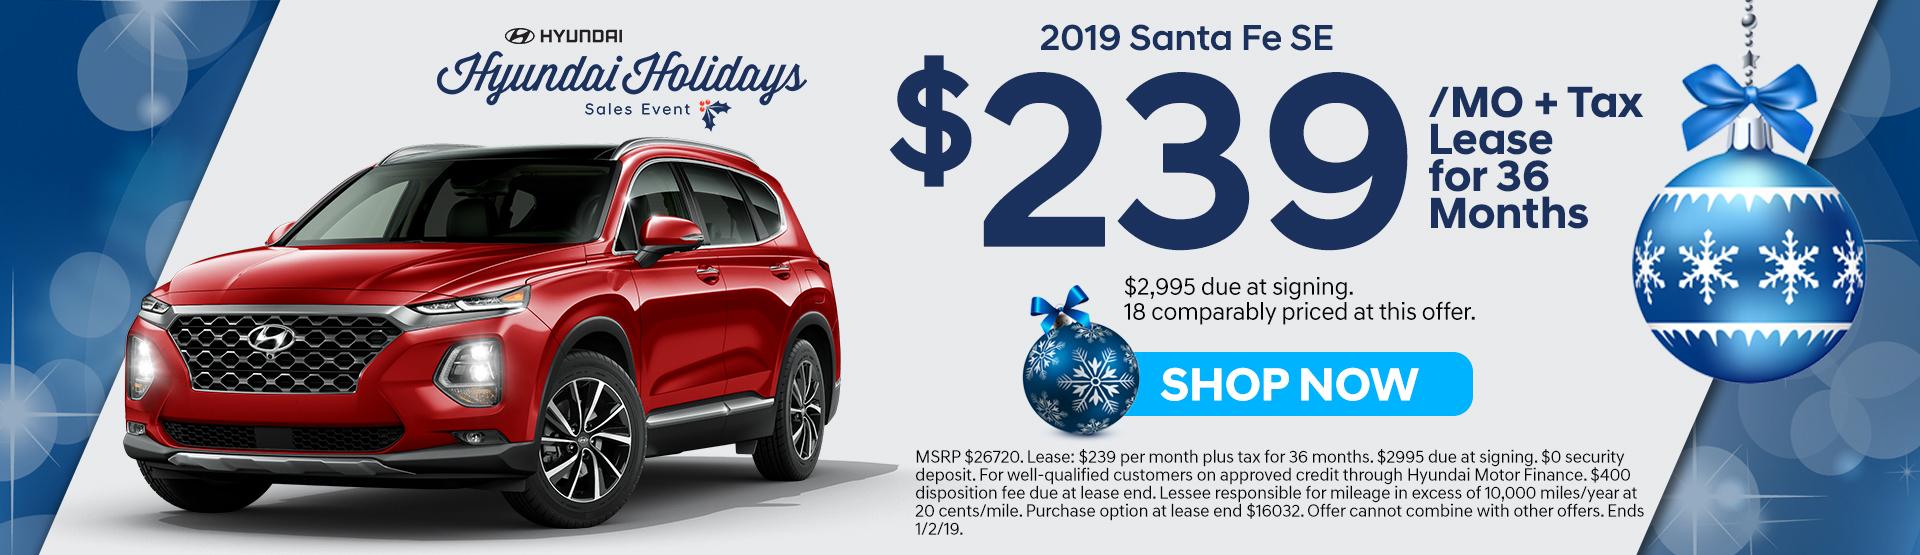 2019 Santa Fe